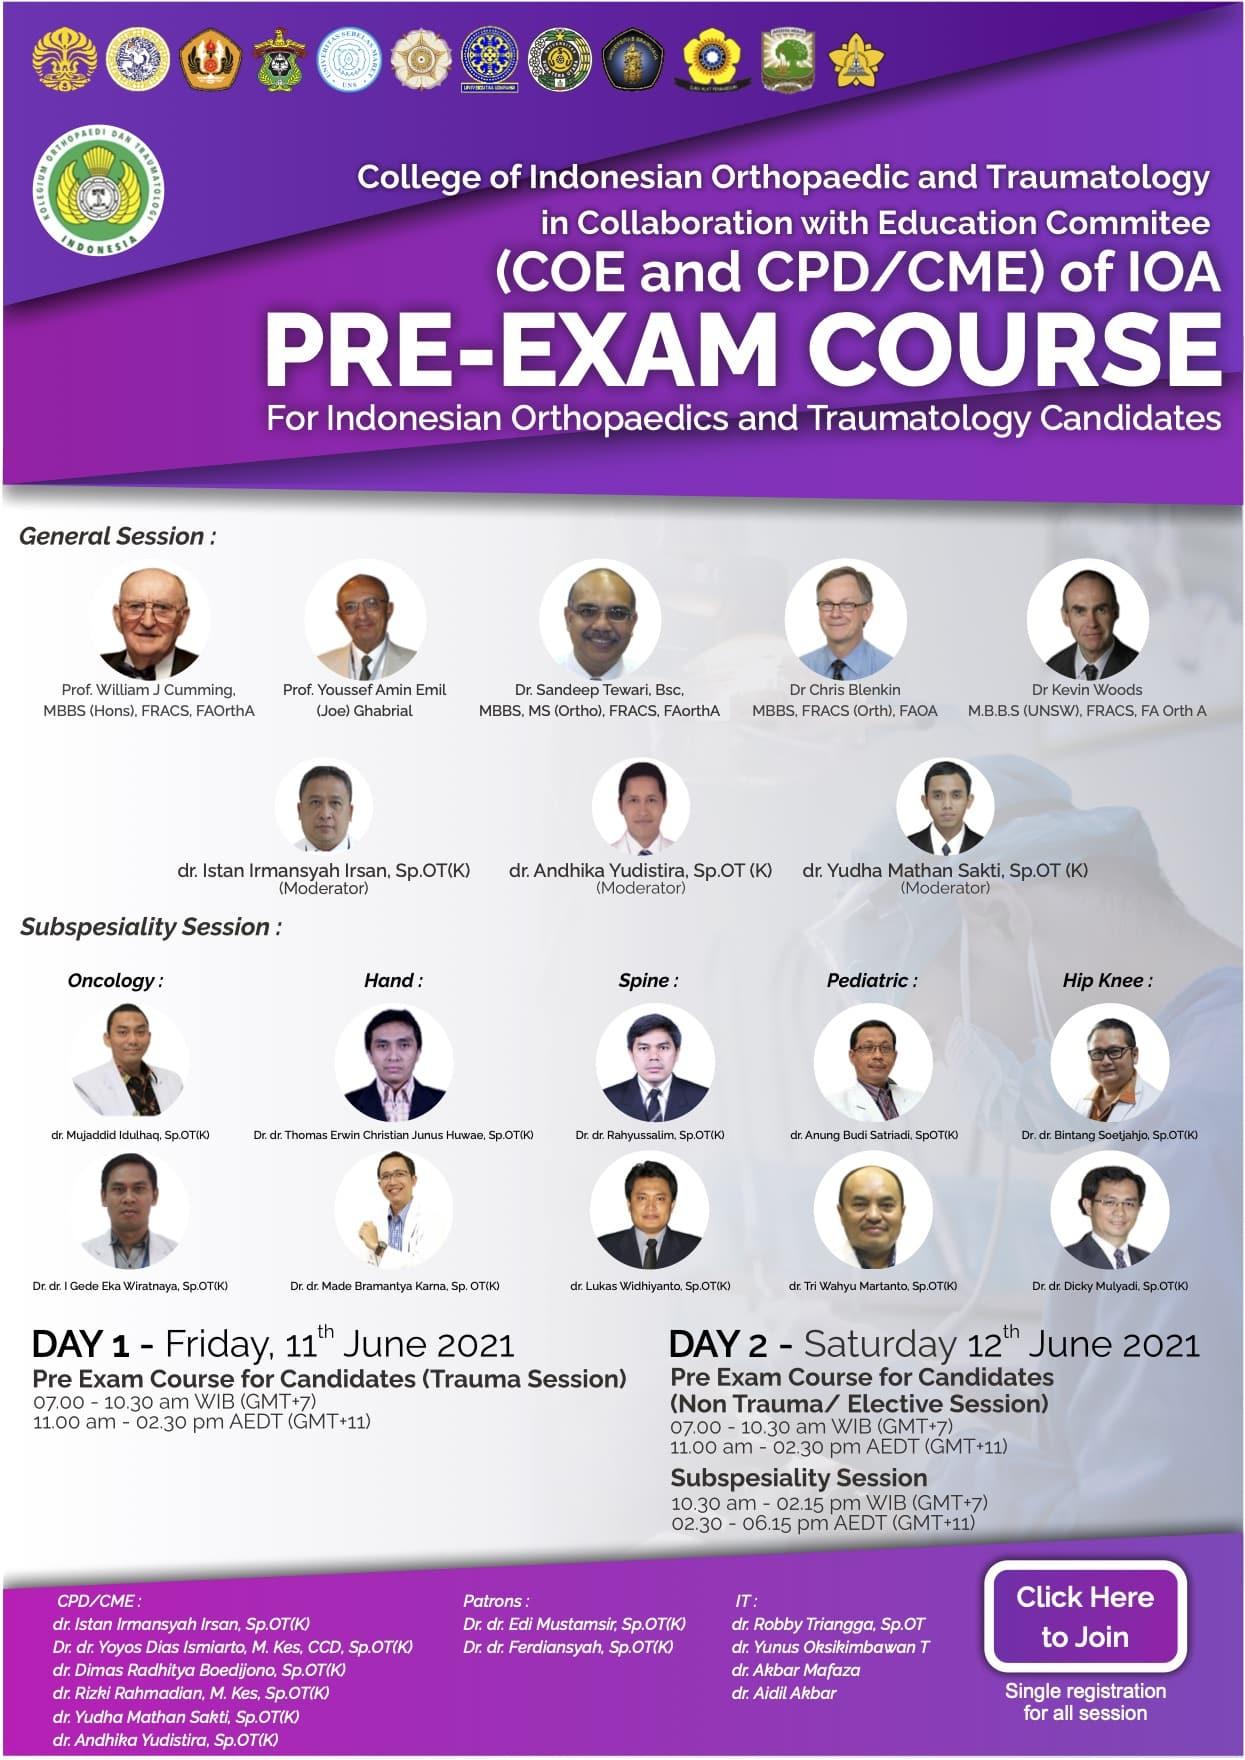 PRE-EXAM COURSE (11-12 June 2021)